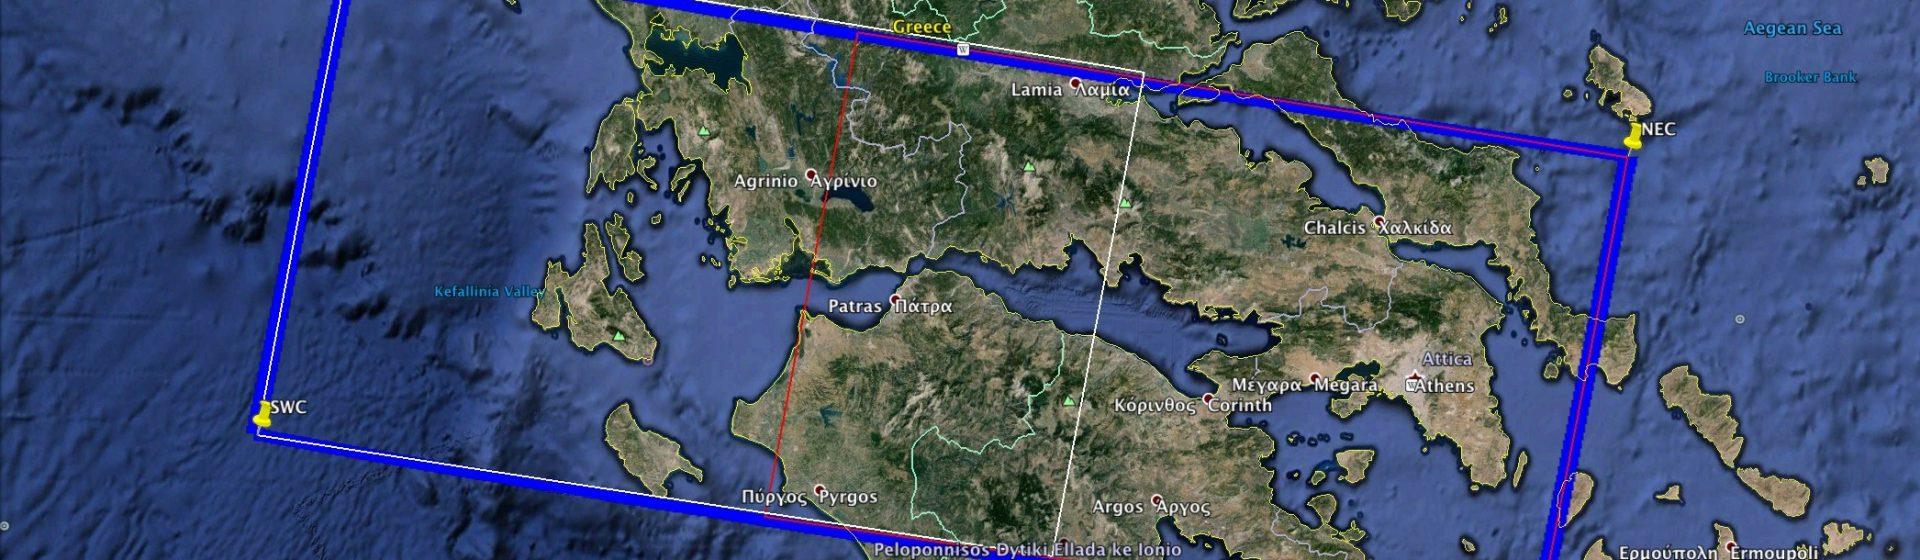 GREEK SUPER SITE